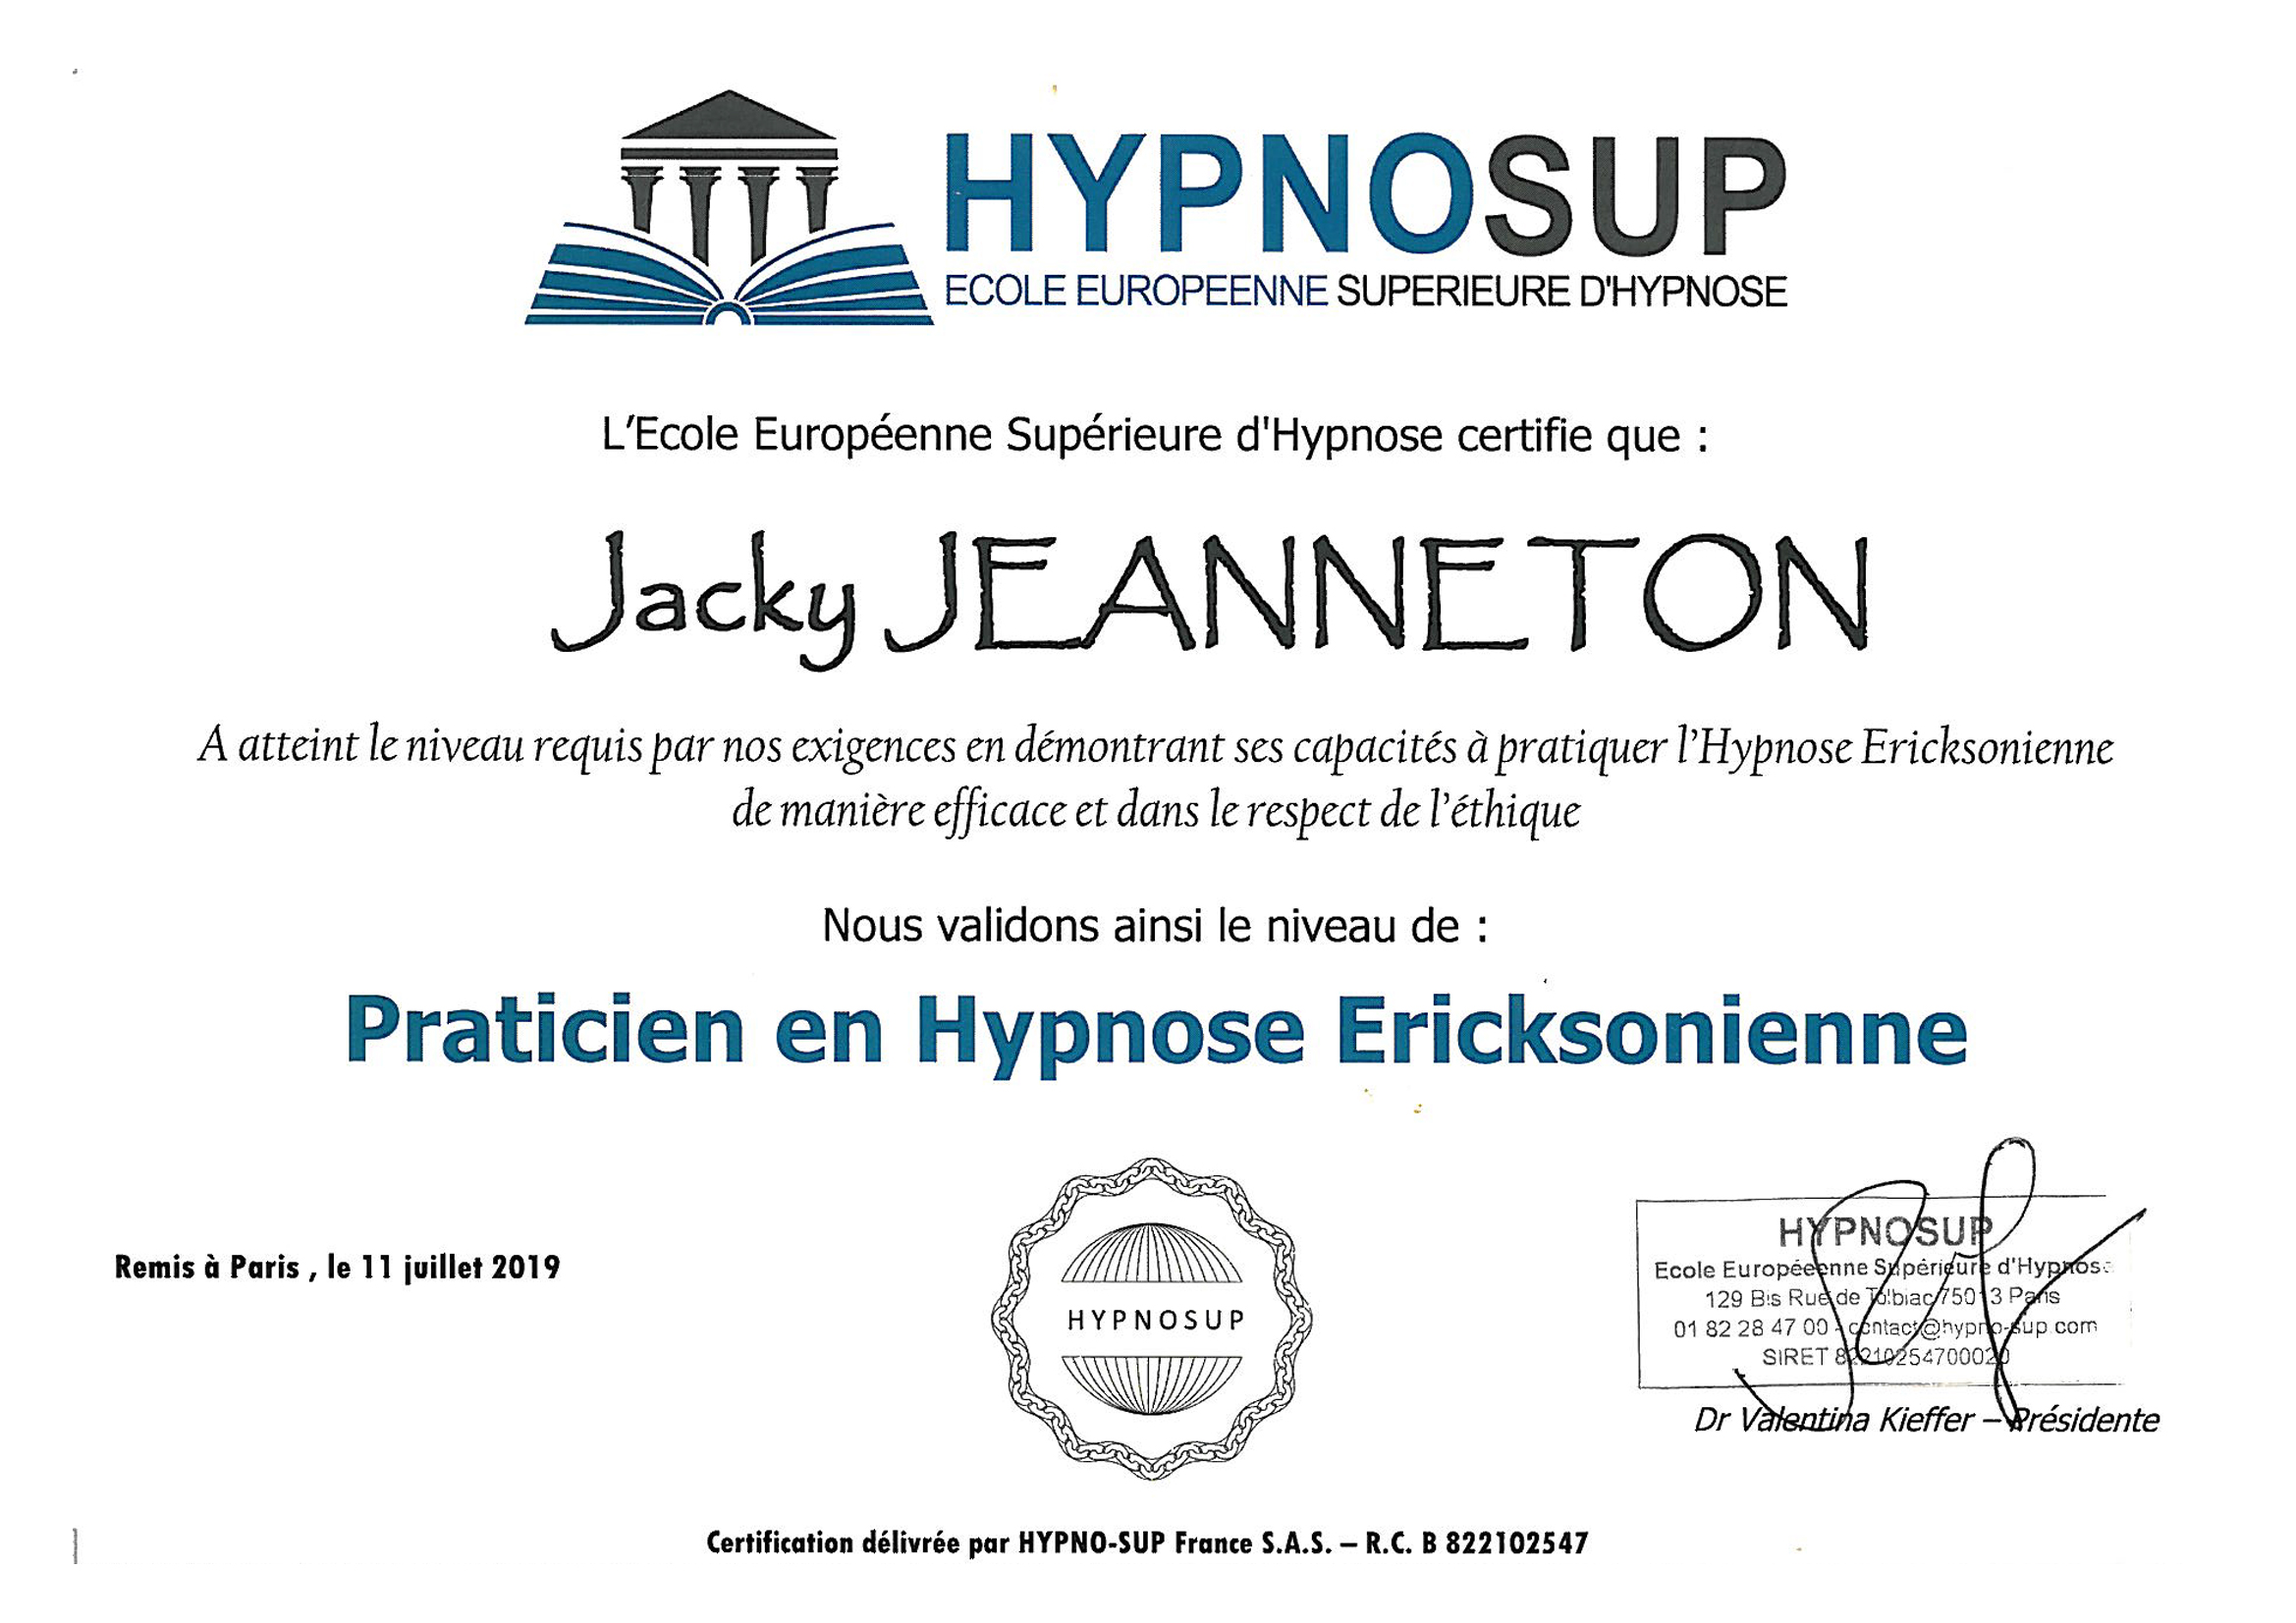 diplome de jacky jeanneton en hypnose